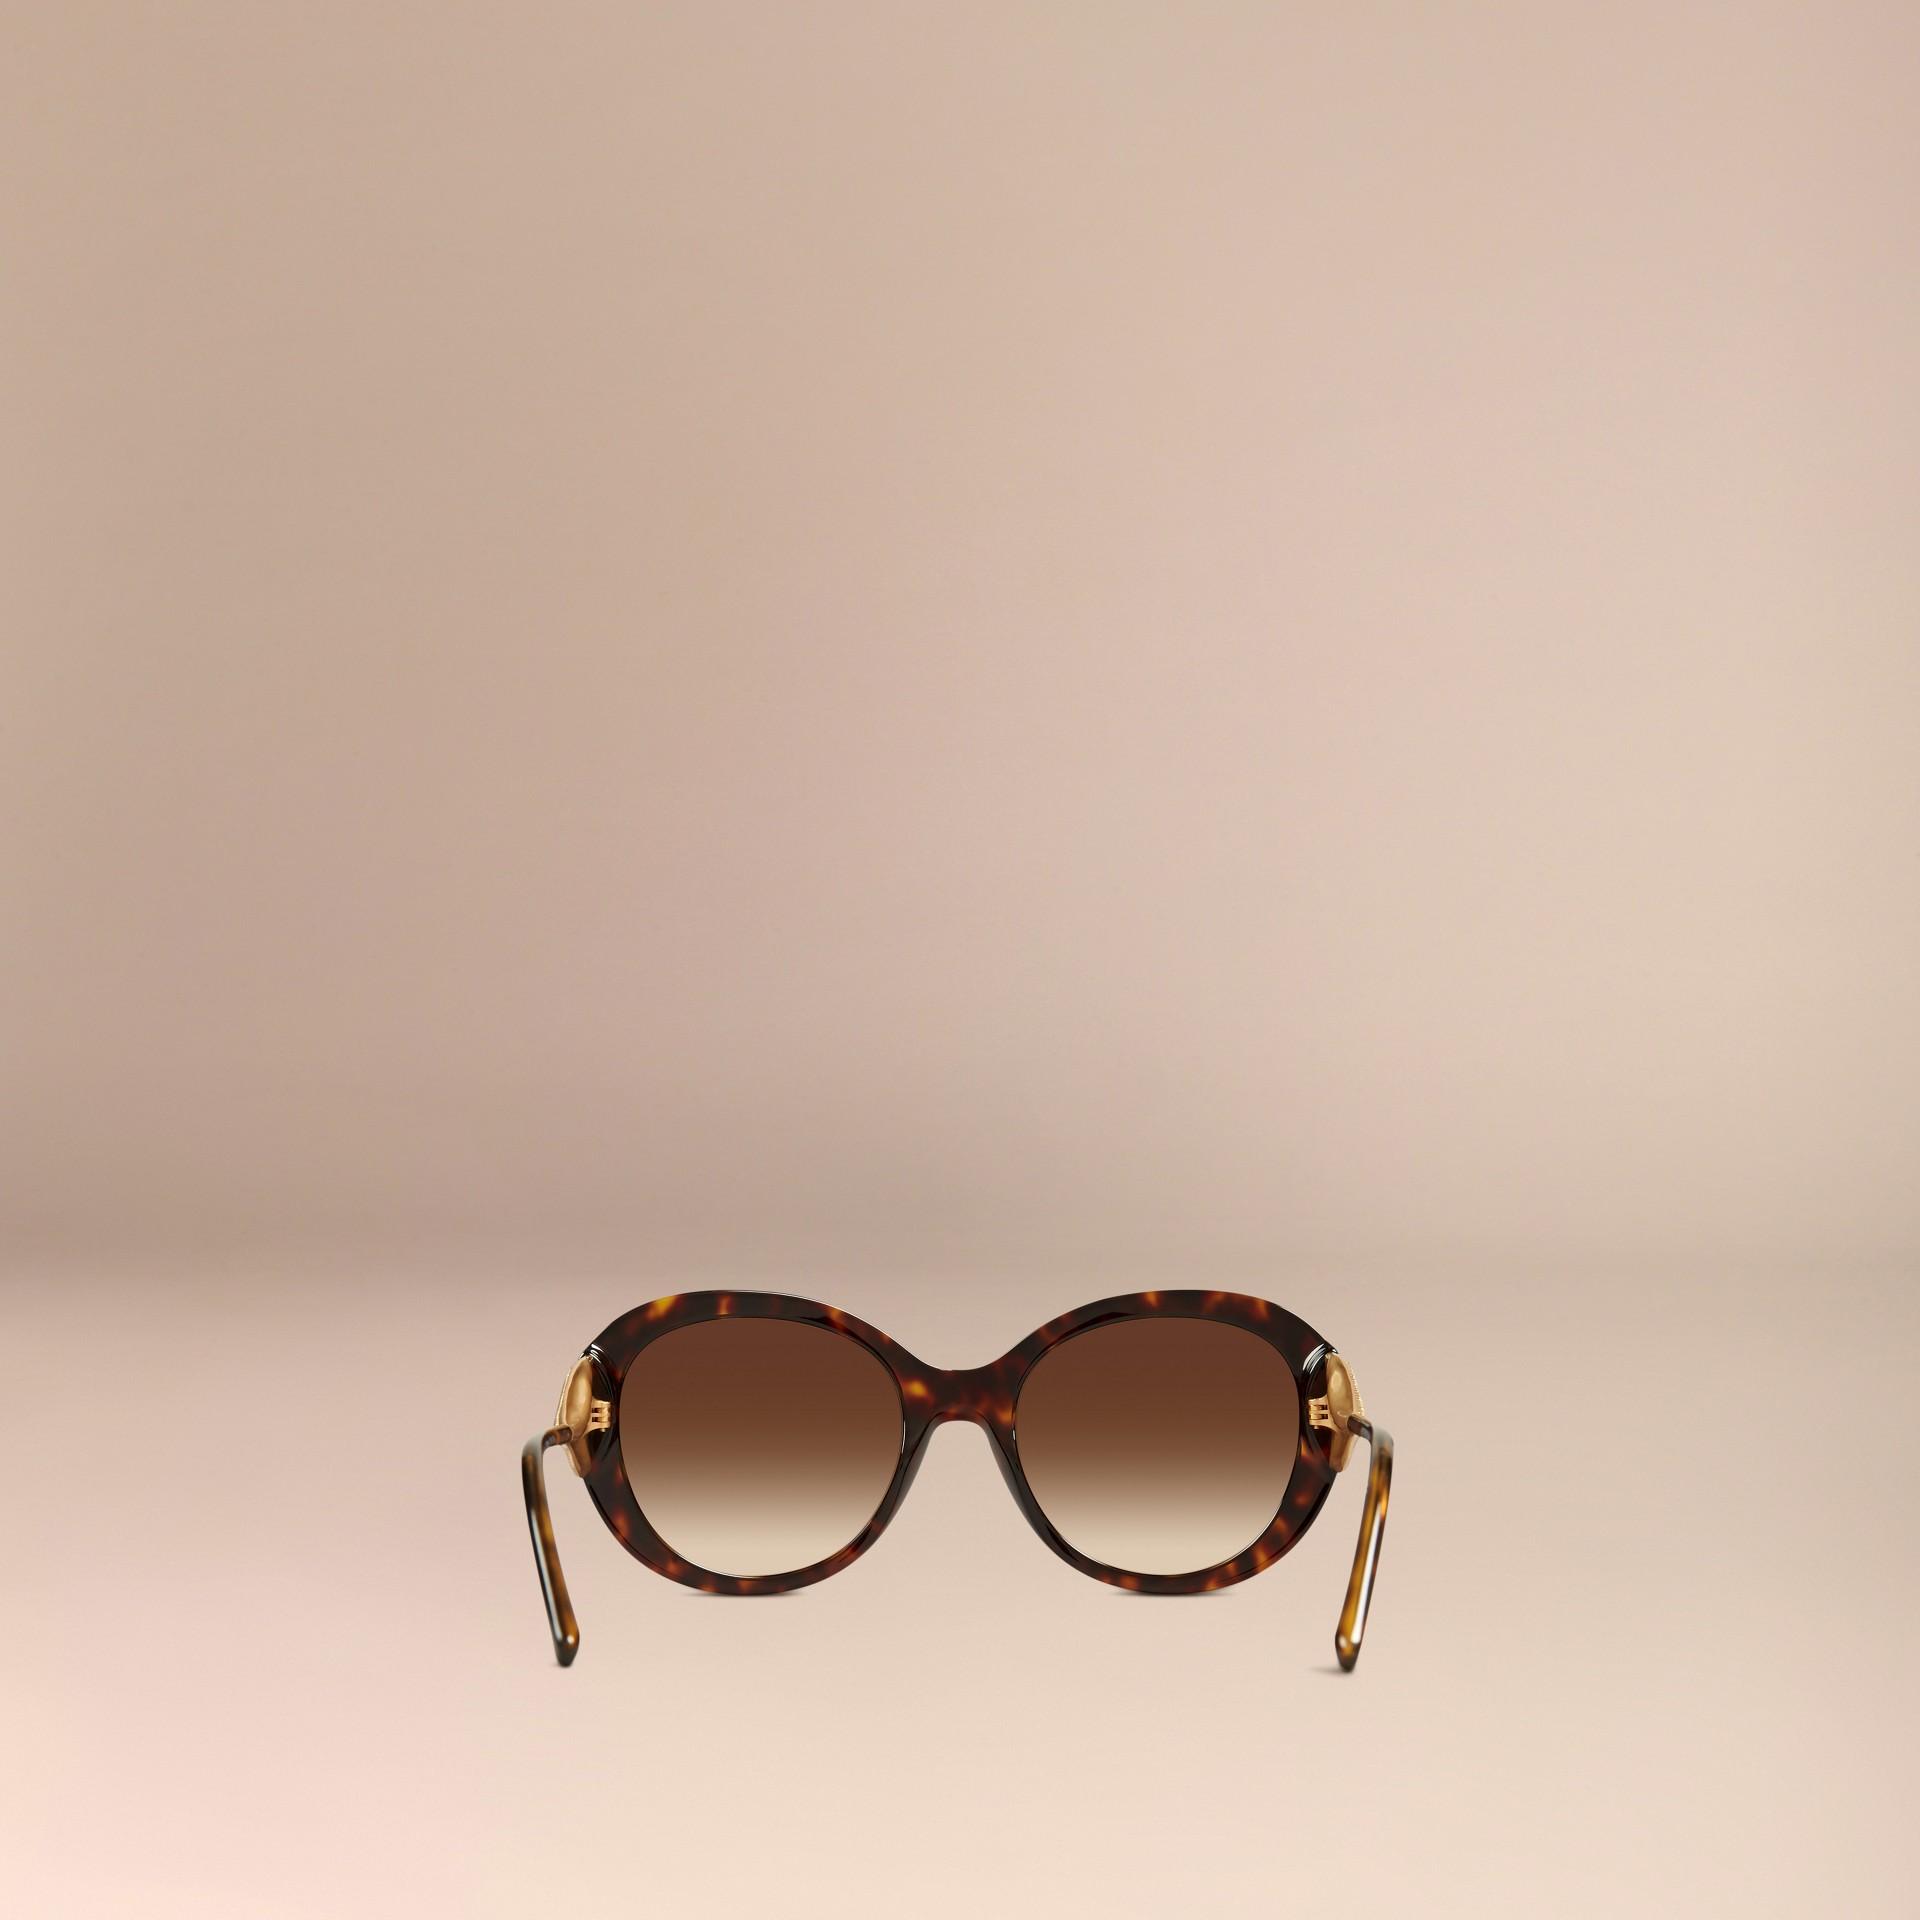 Ebony Gabardine Collection Oversize Round Frame Sunglasses Ebony - gallery image 4